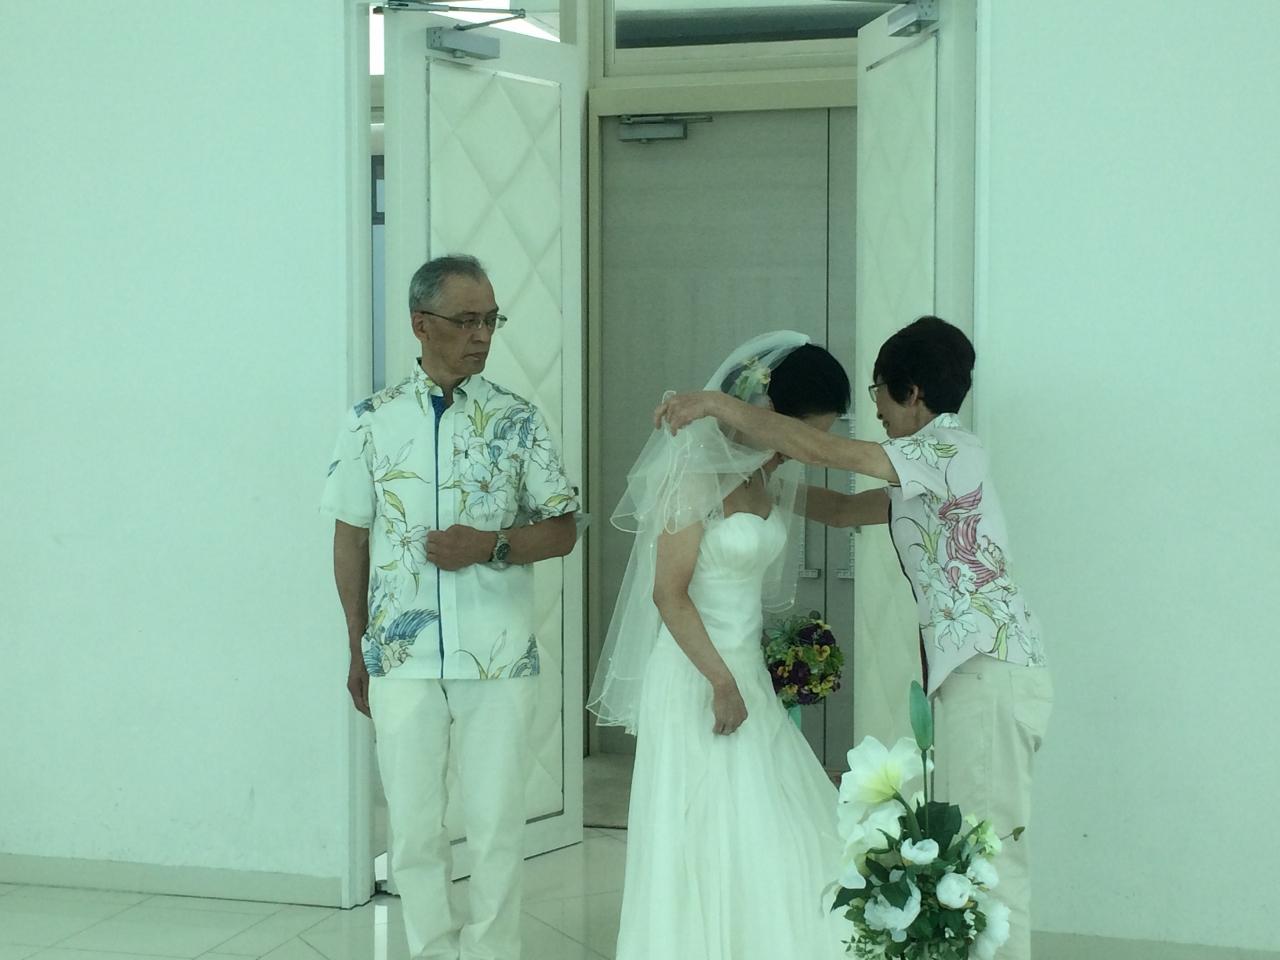 かりゆしウェディング フォトライブラリー 003  石川県 S.O様